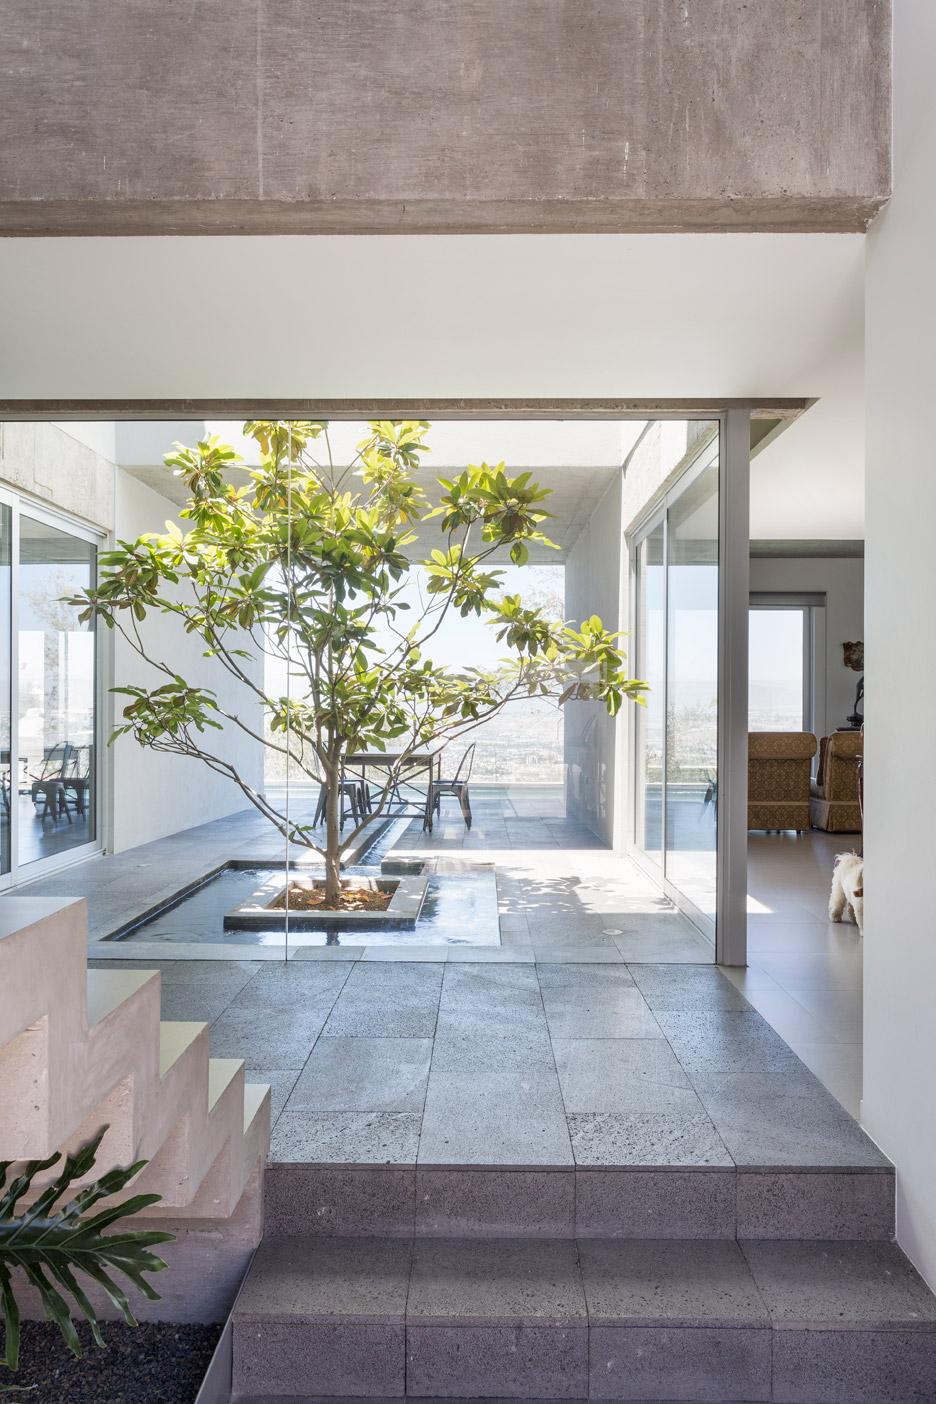 Casa con patio interior simple casa de pueblo con patio for Barbacoa patio interior